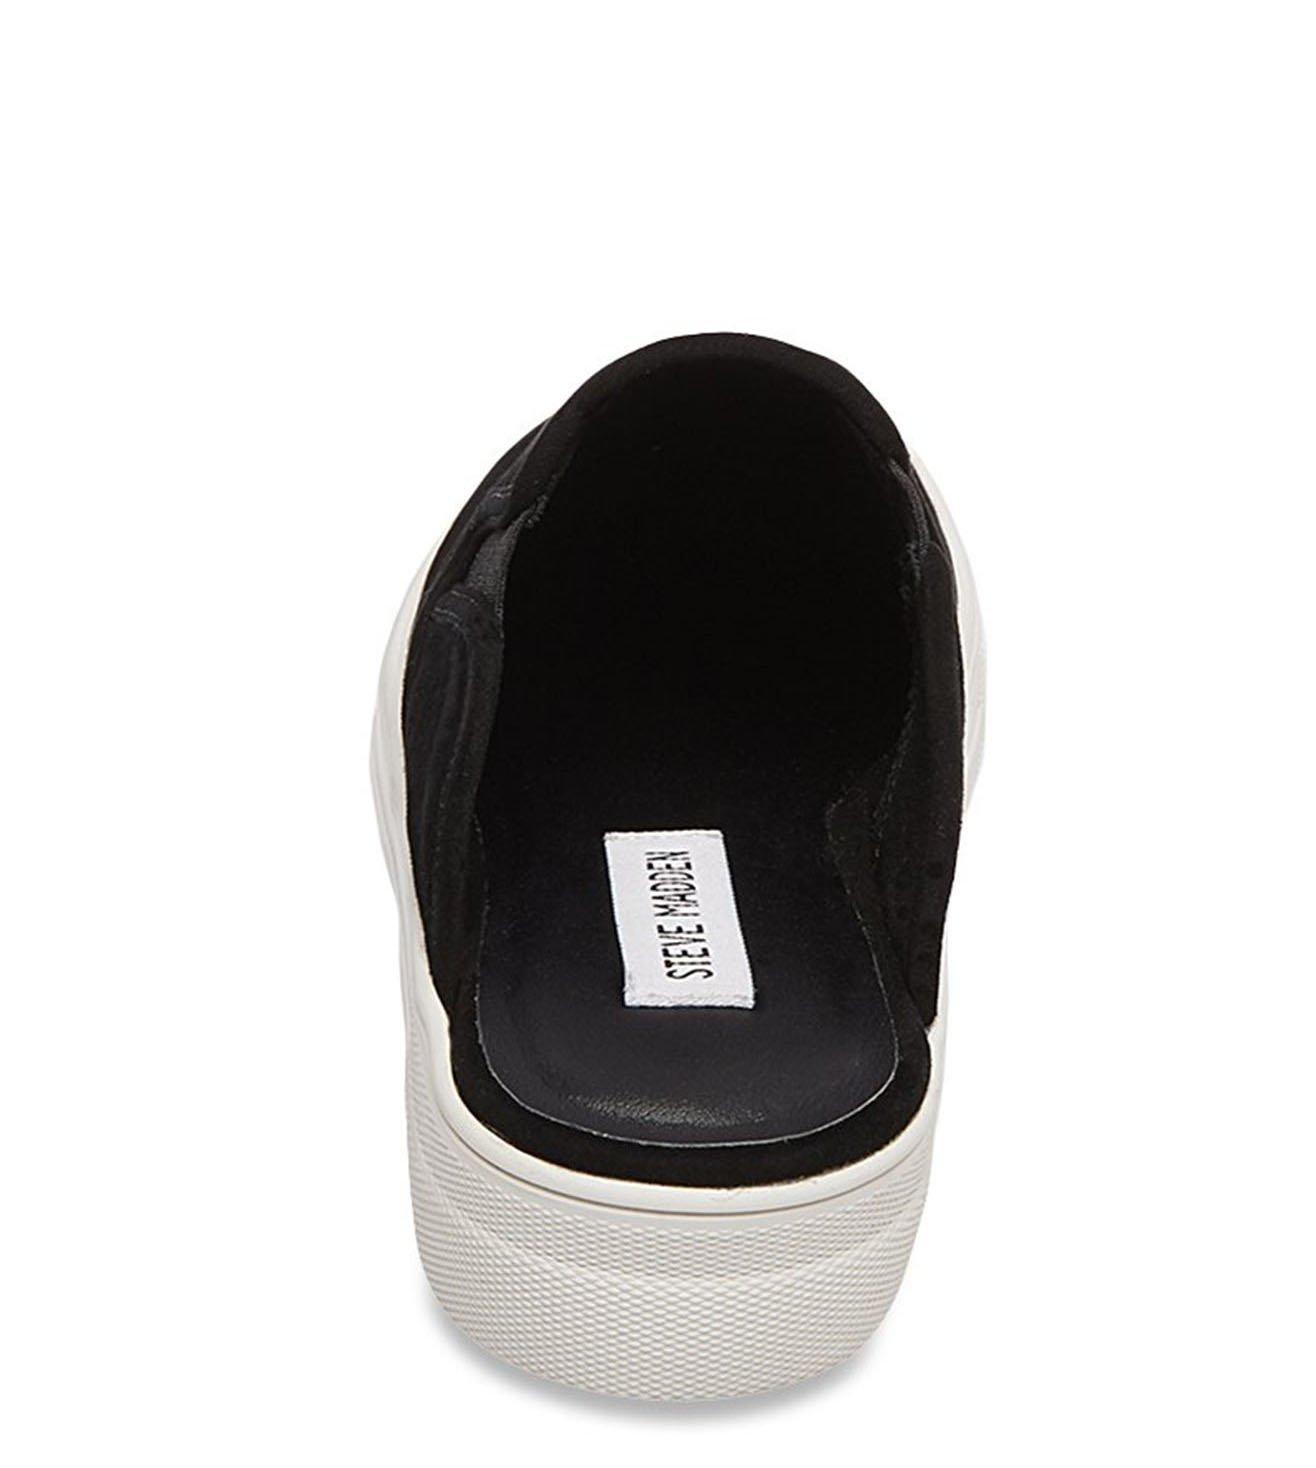 Steve Madden Glenda Black Mule Shoes